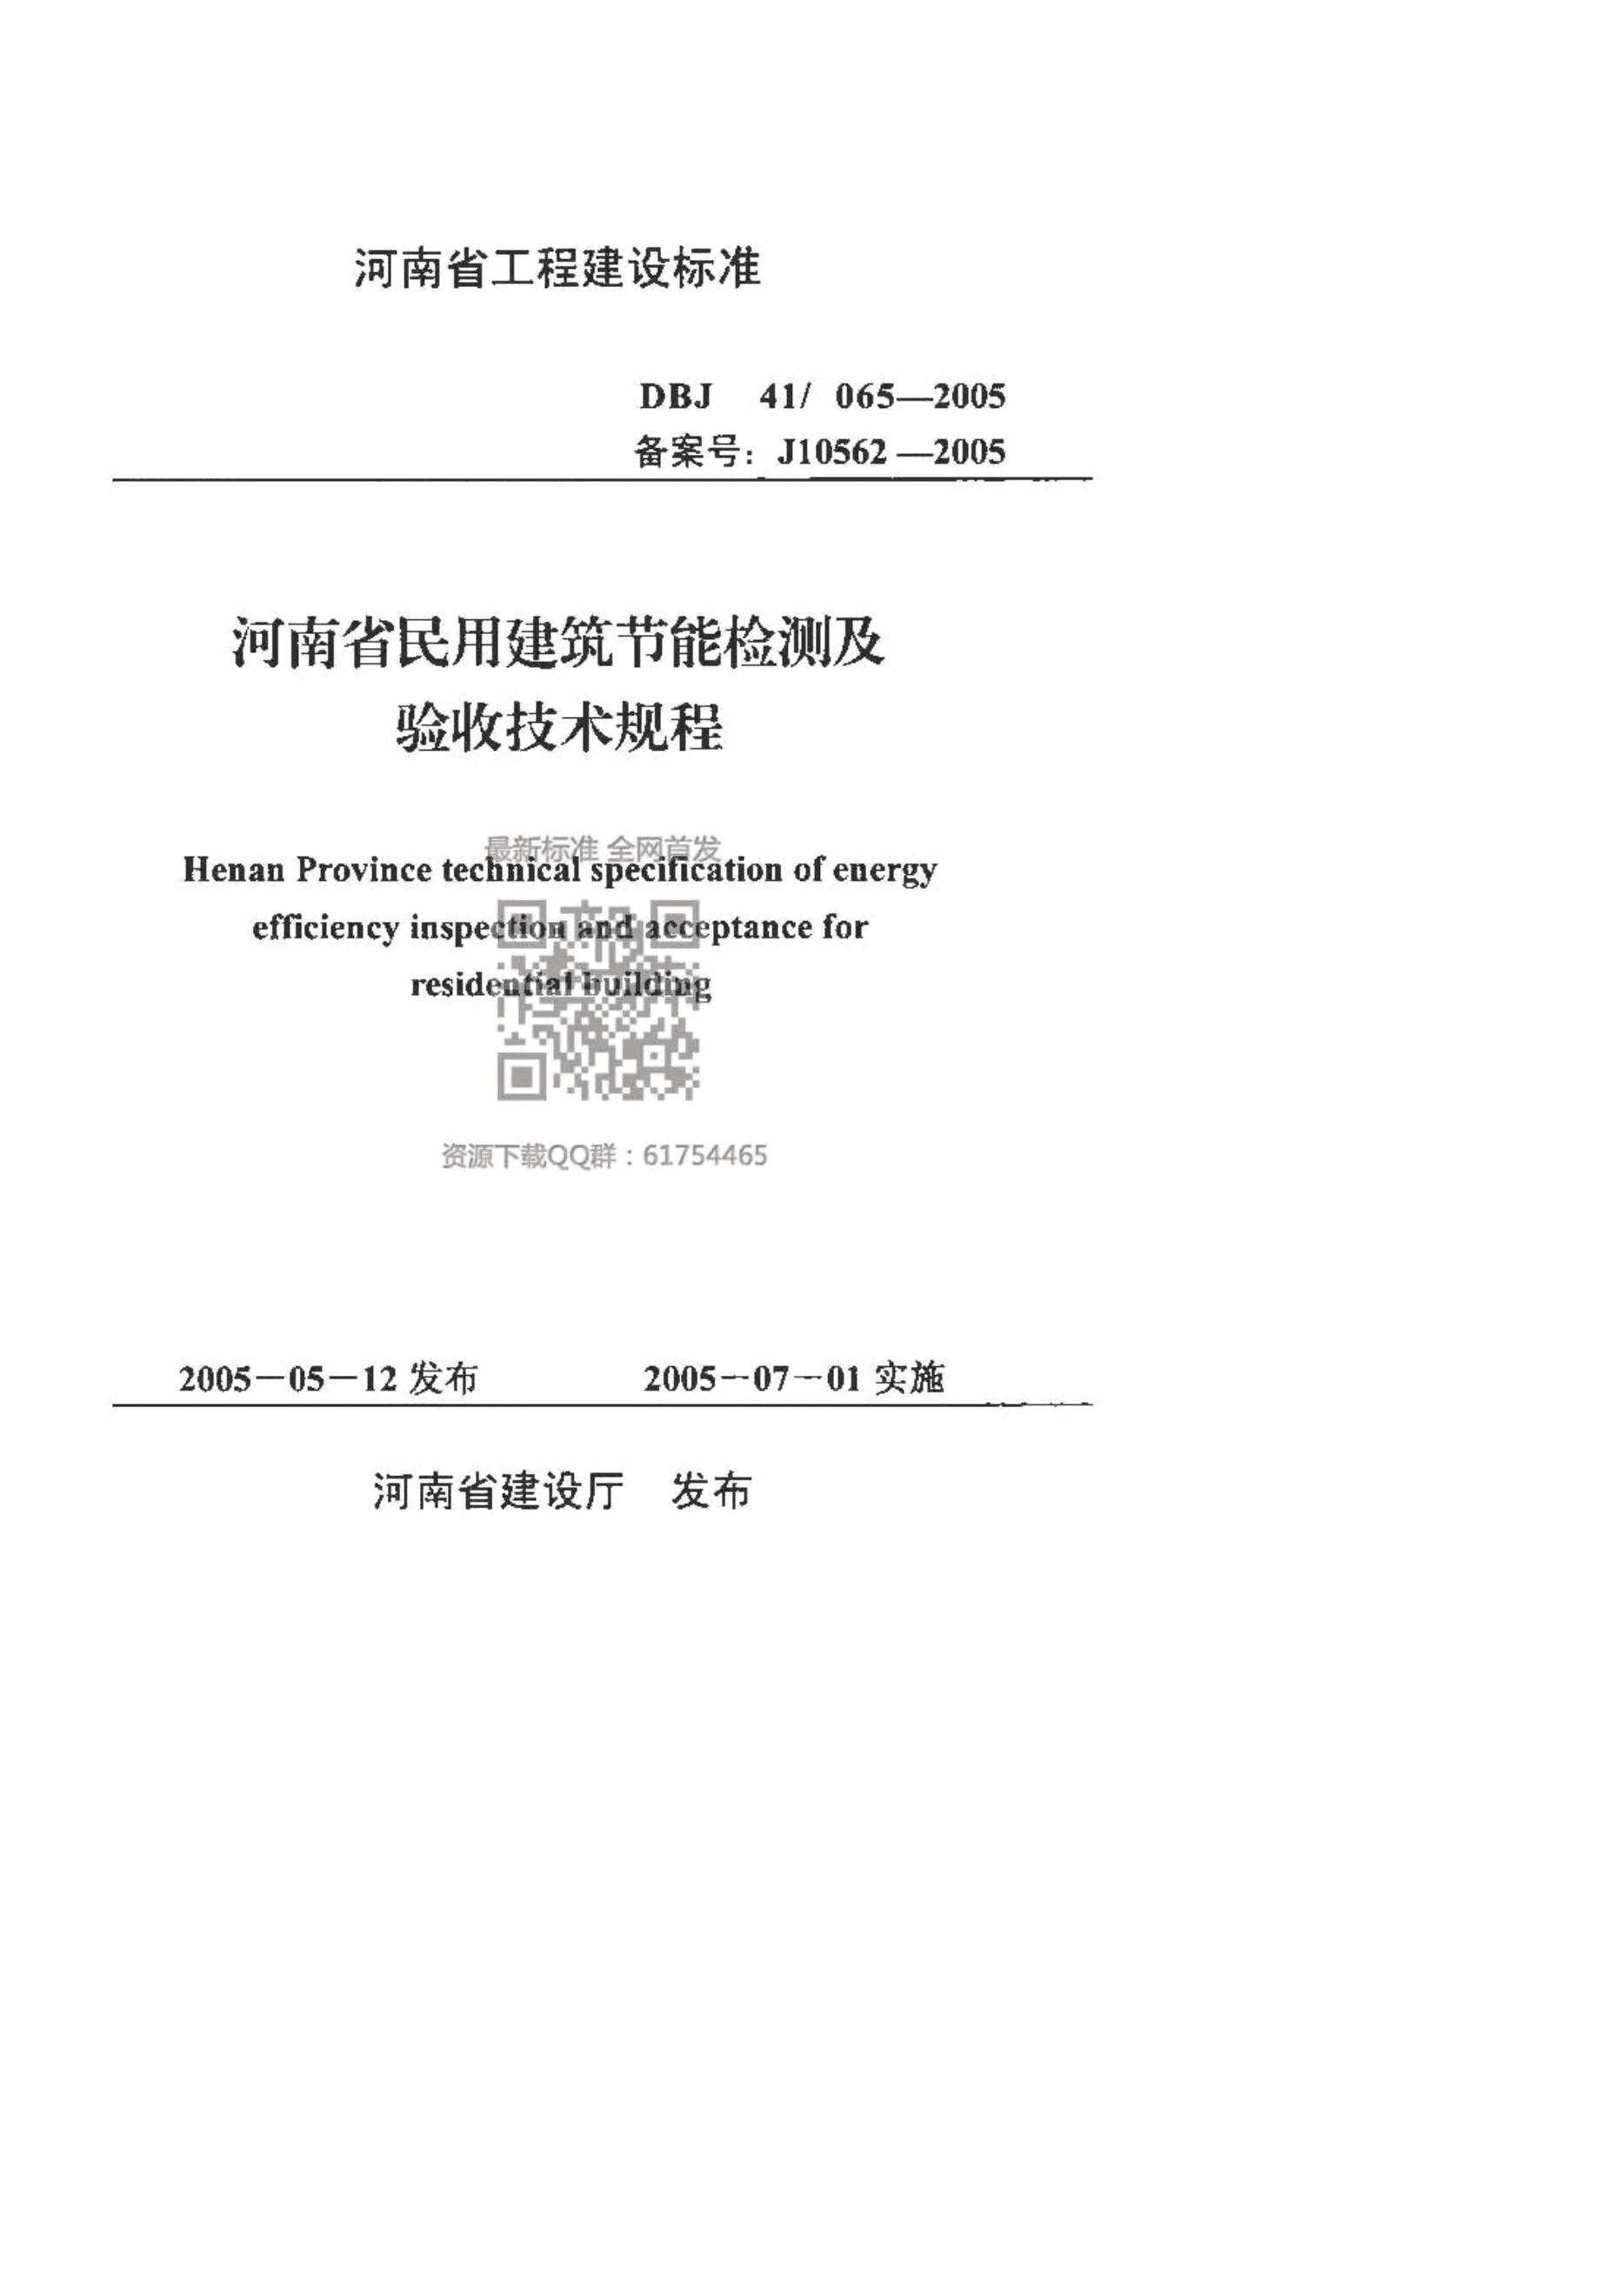 DBJ41 065-2005 河南省民用建筑节能检测及验收技术规程.pdf-2020-09-26-01-32-29-628.docx